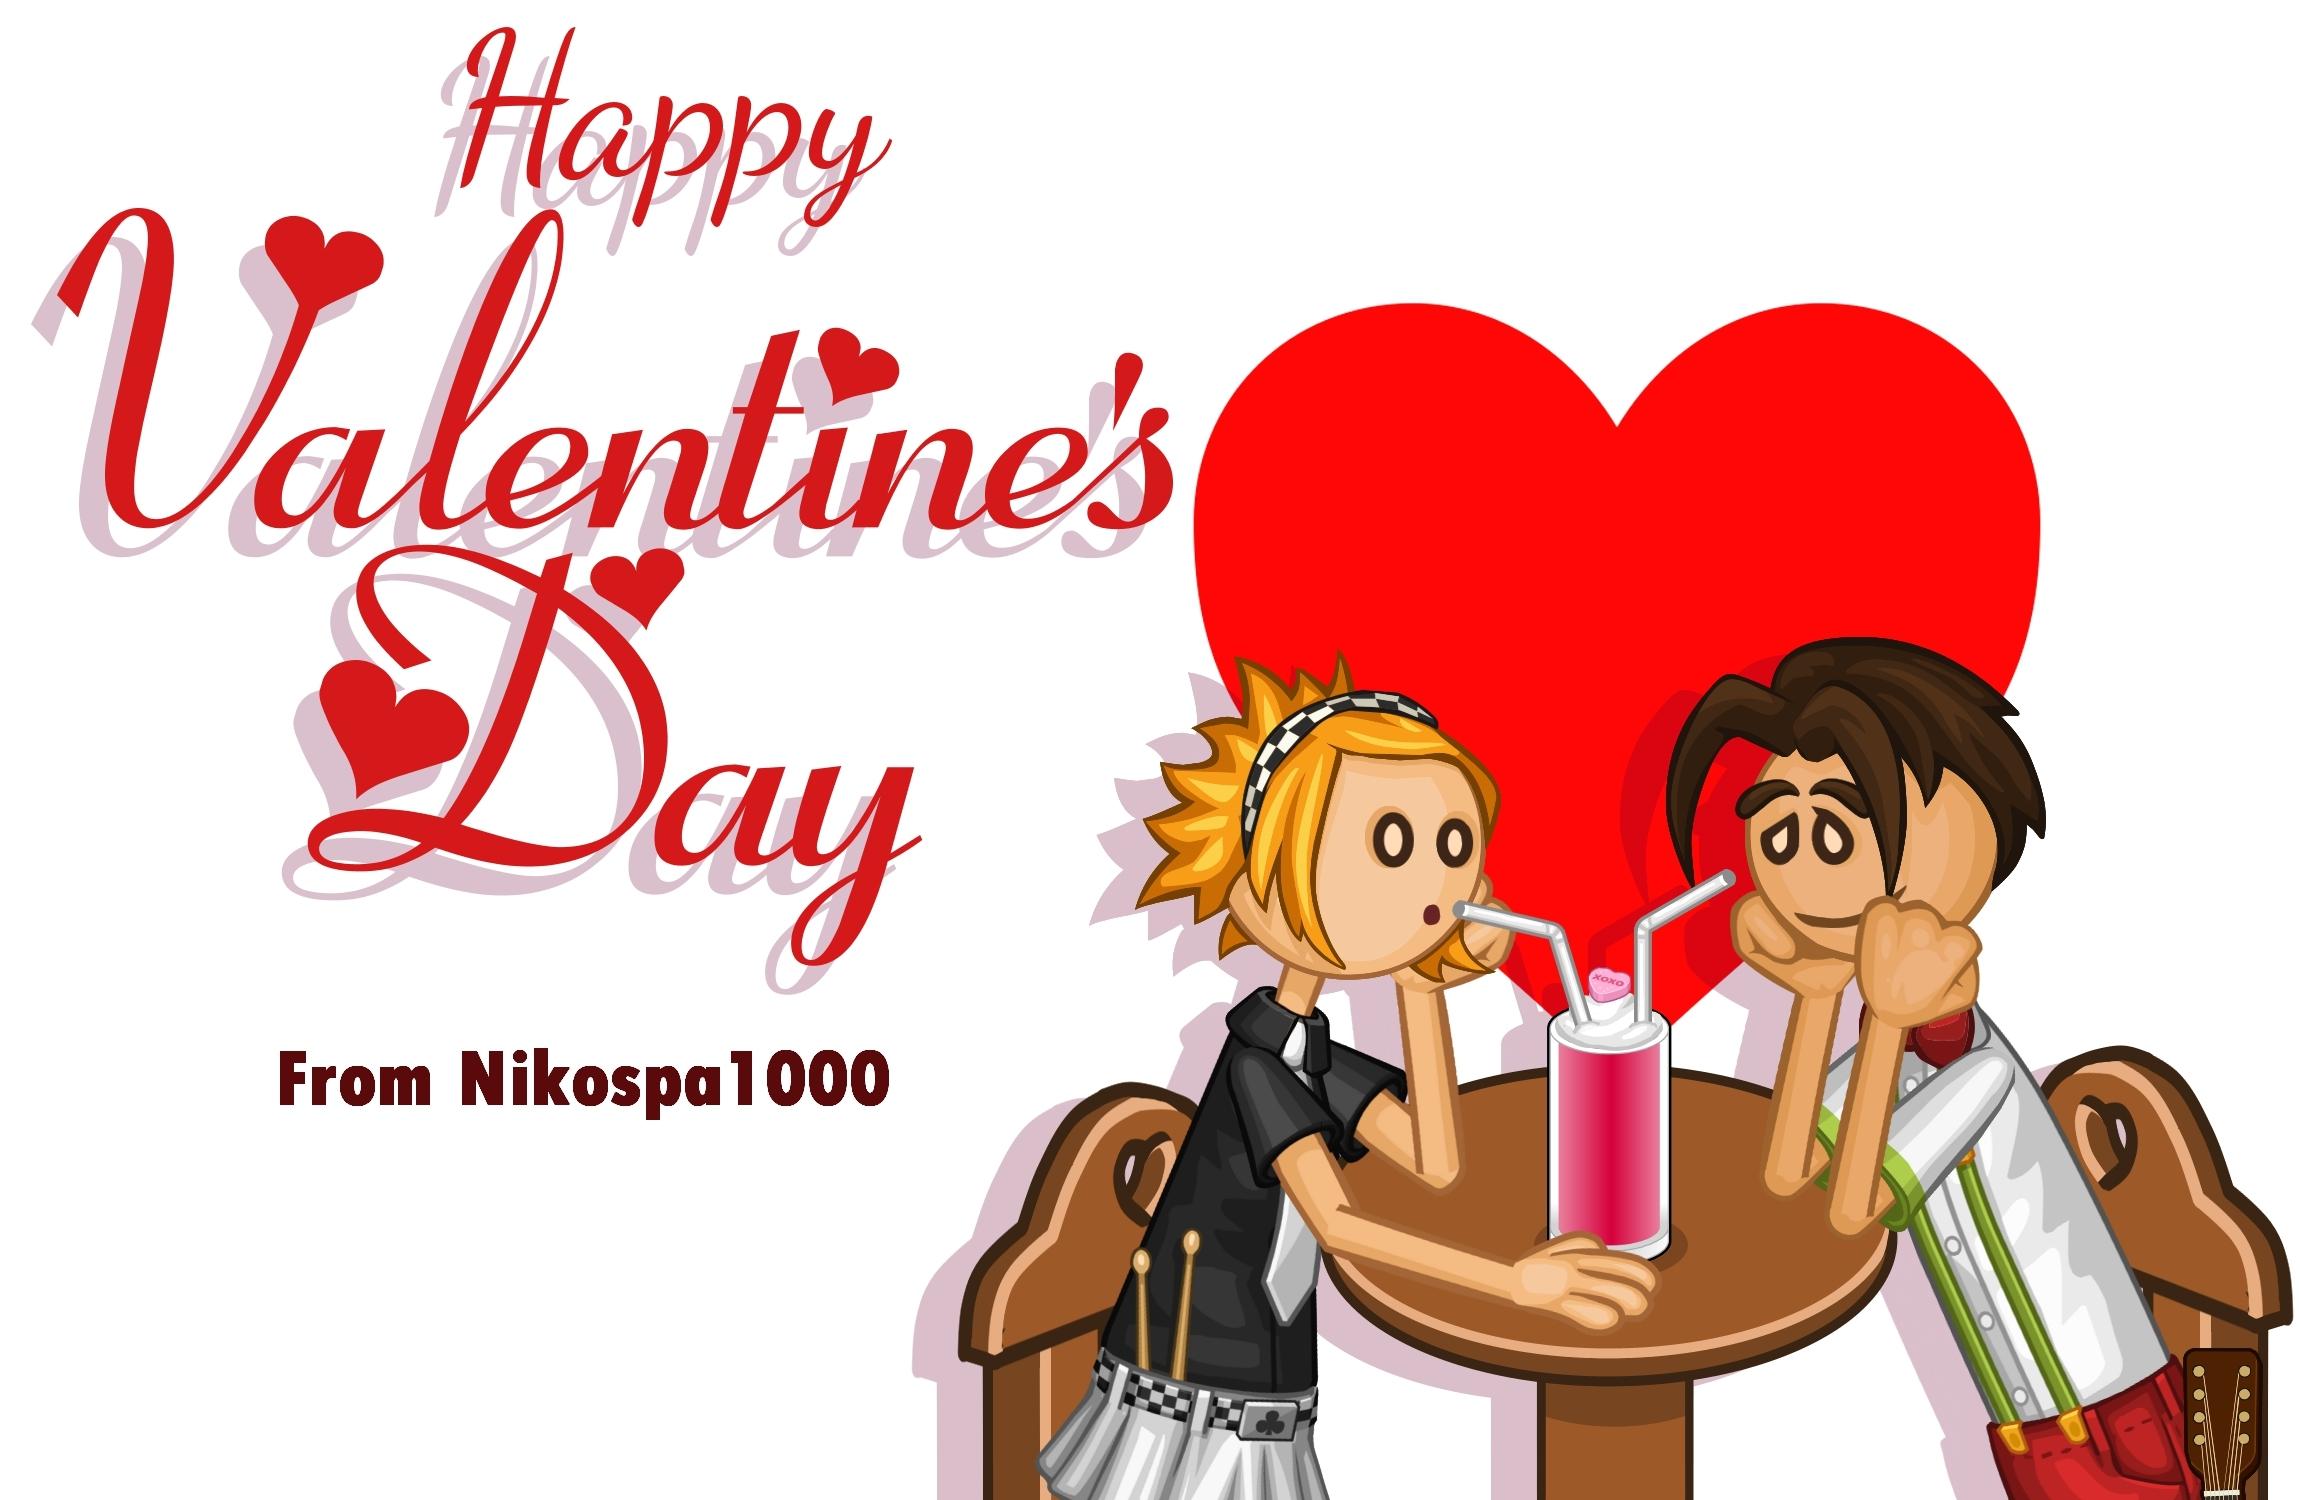 Happy Valentine's Day ❤